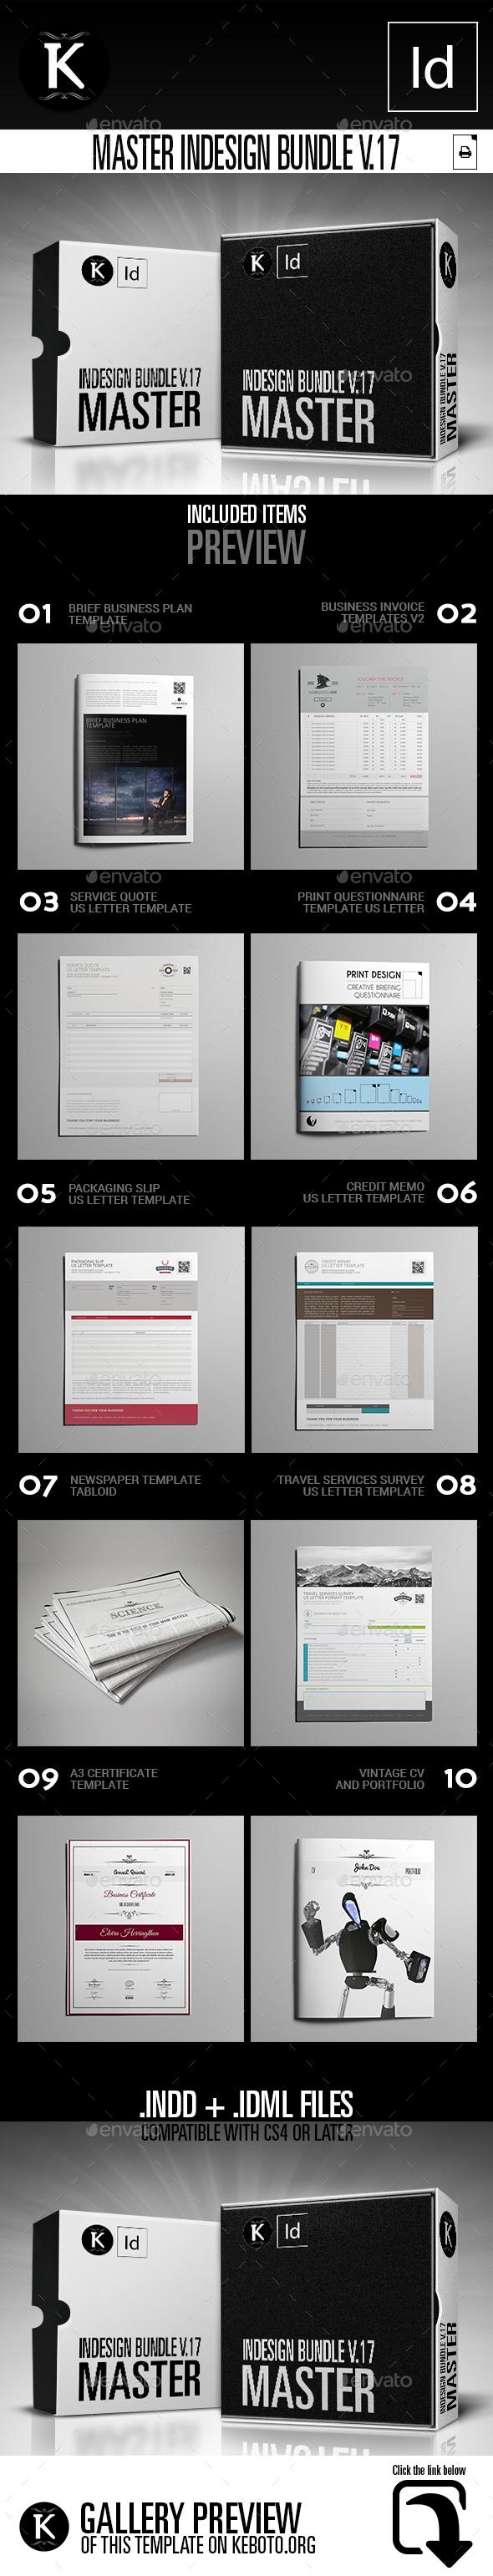 Master inDesign Bundle v.17 - Print Templates